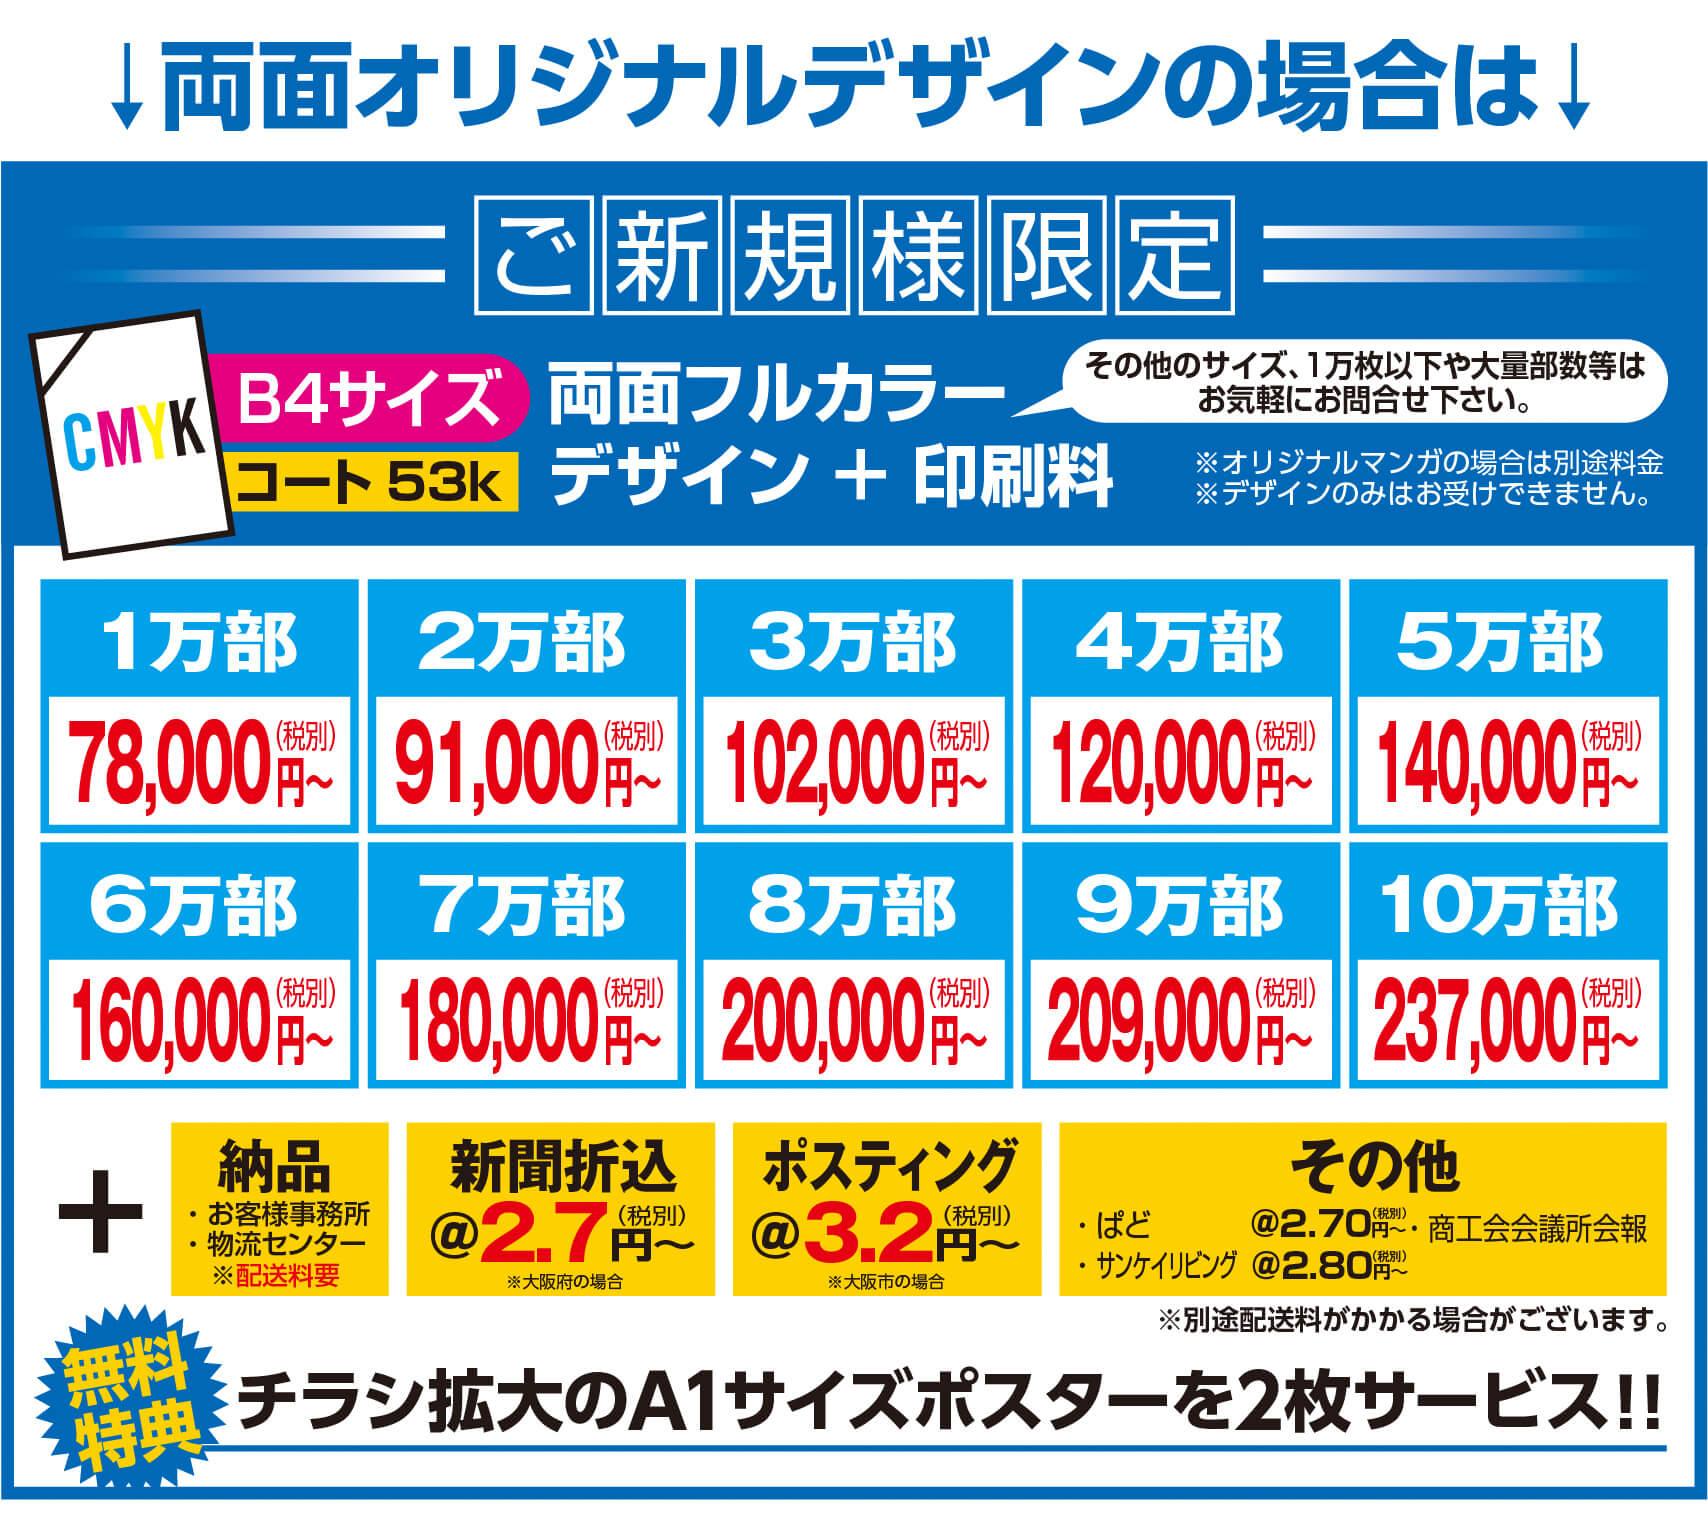 ご新規様限定乗り換えキャンペーン 価格帯についての詳細をご案内しております。